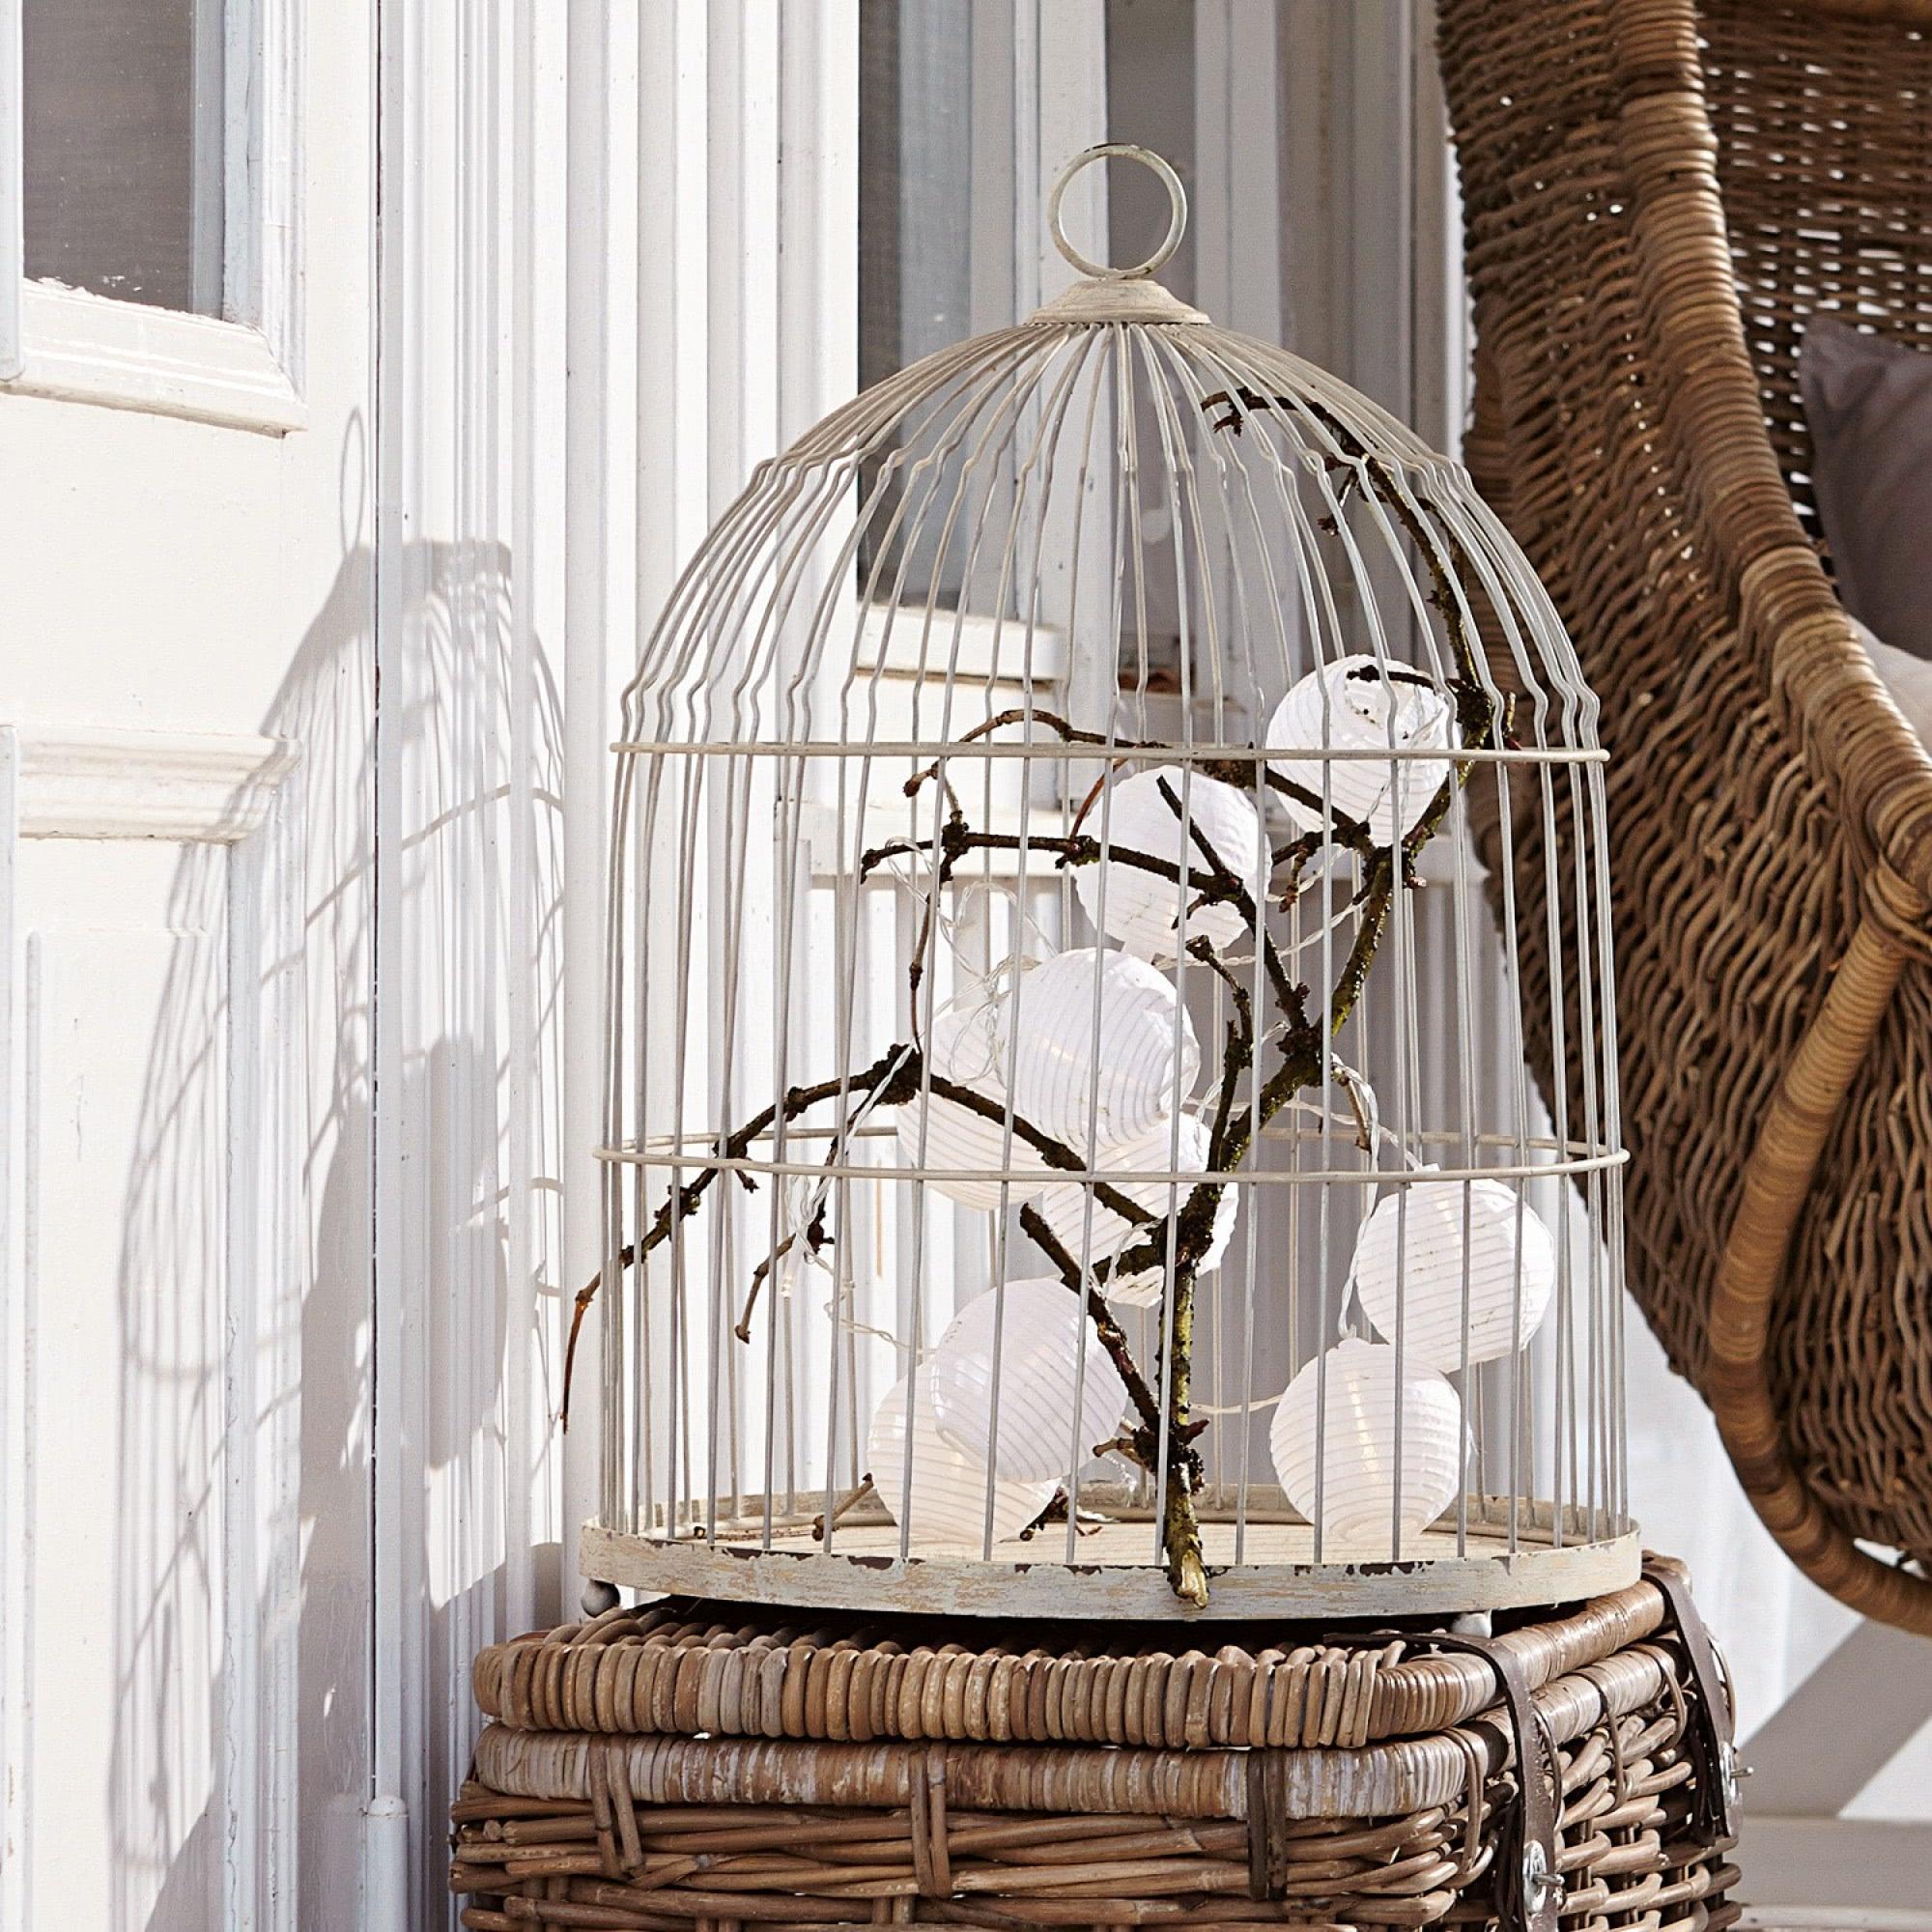 deko vogelk fig vouilly loberon coming home. Black Bedroom Furniture Sets. Home Design Ideas